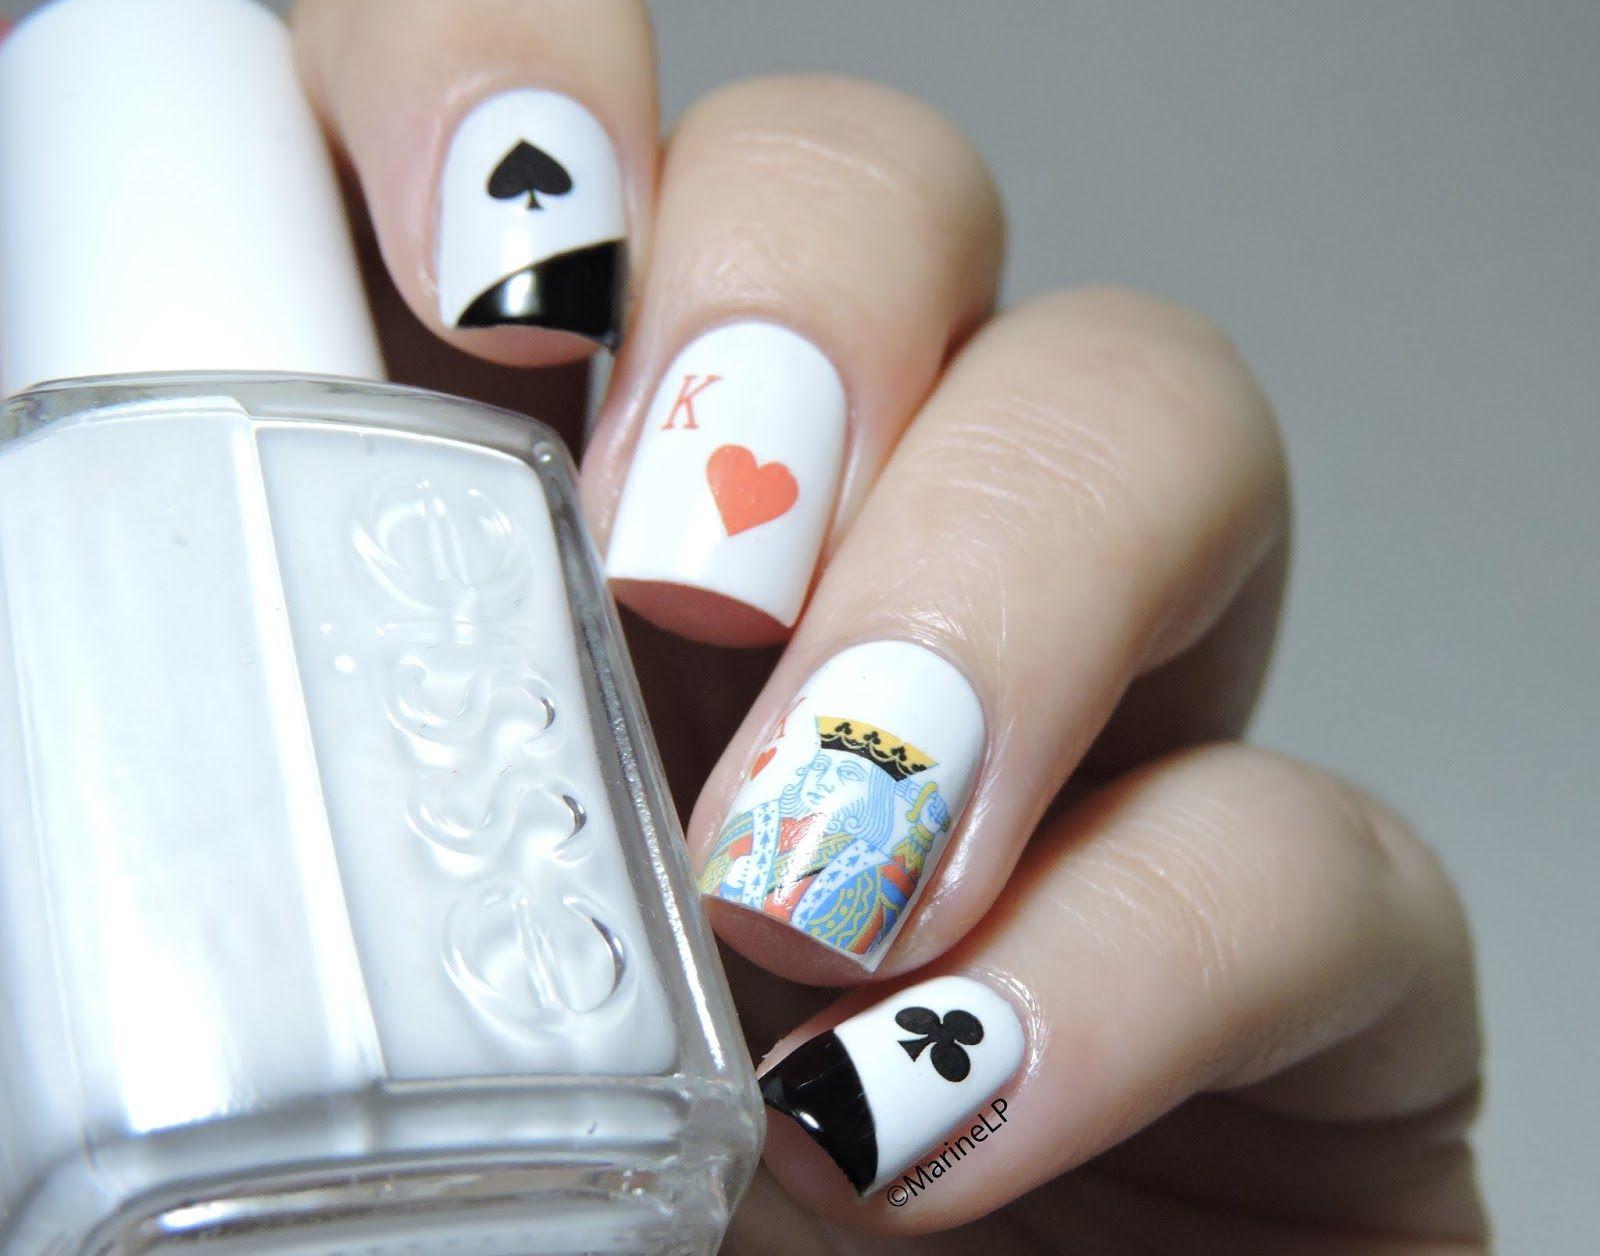 Nailstorming - Jeux & Jouets | Nail nail, Vacation nail art and Las ...